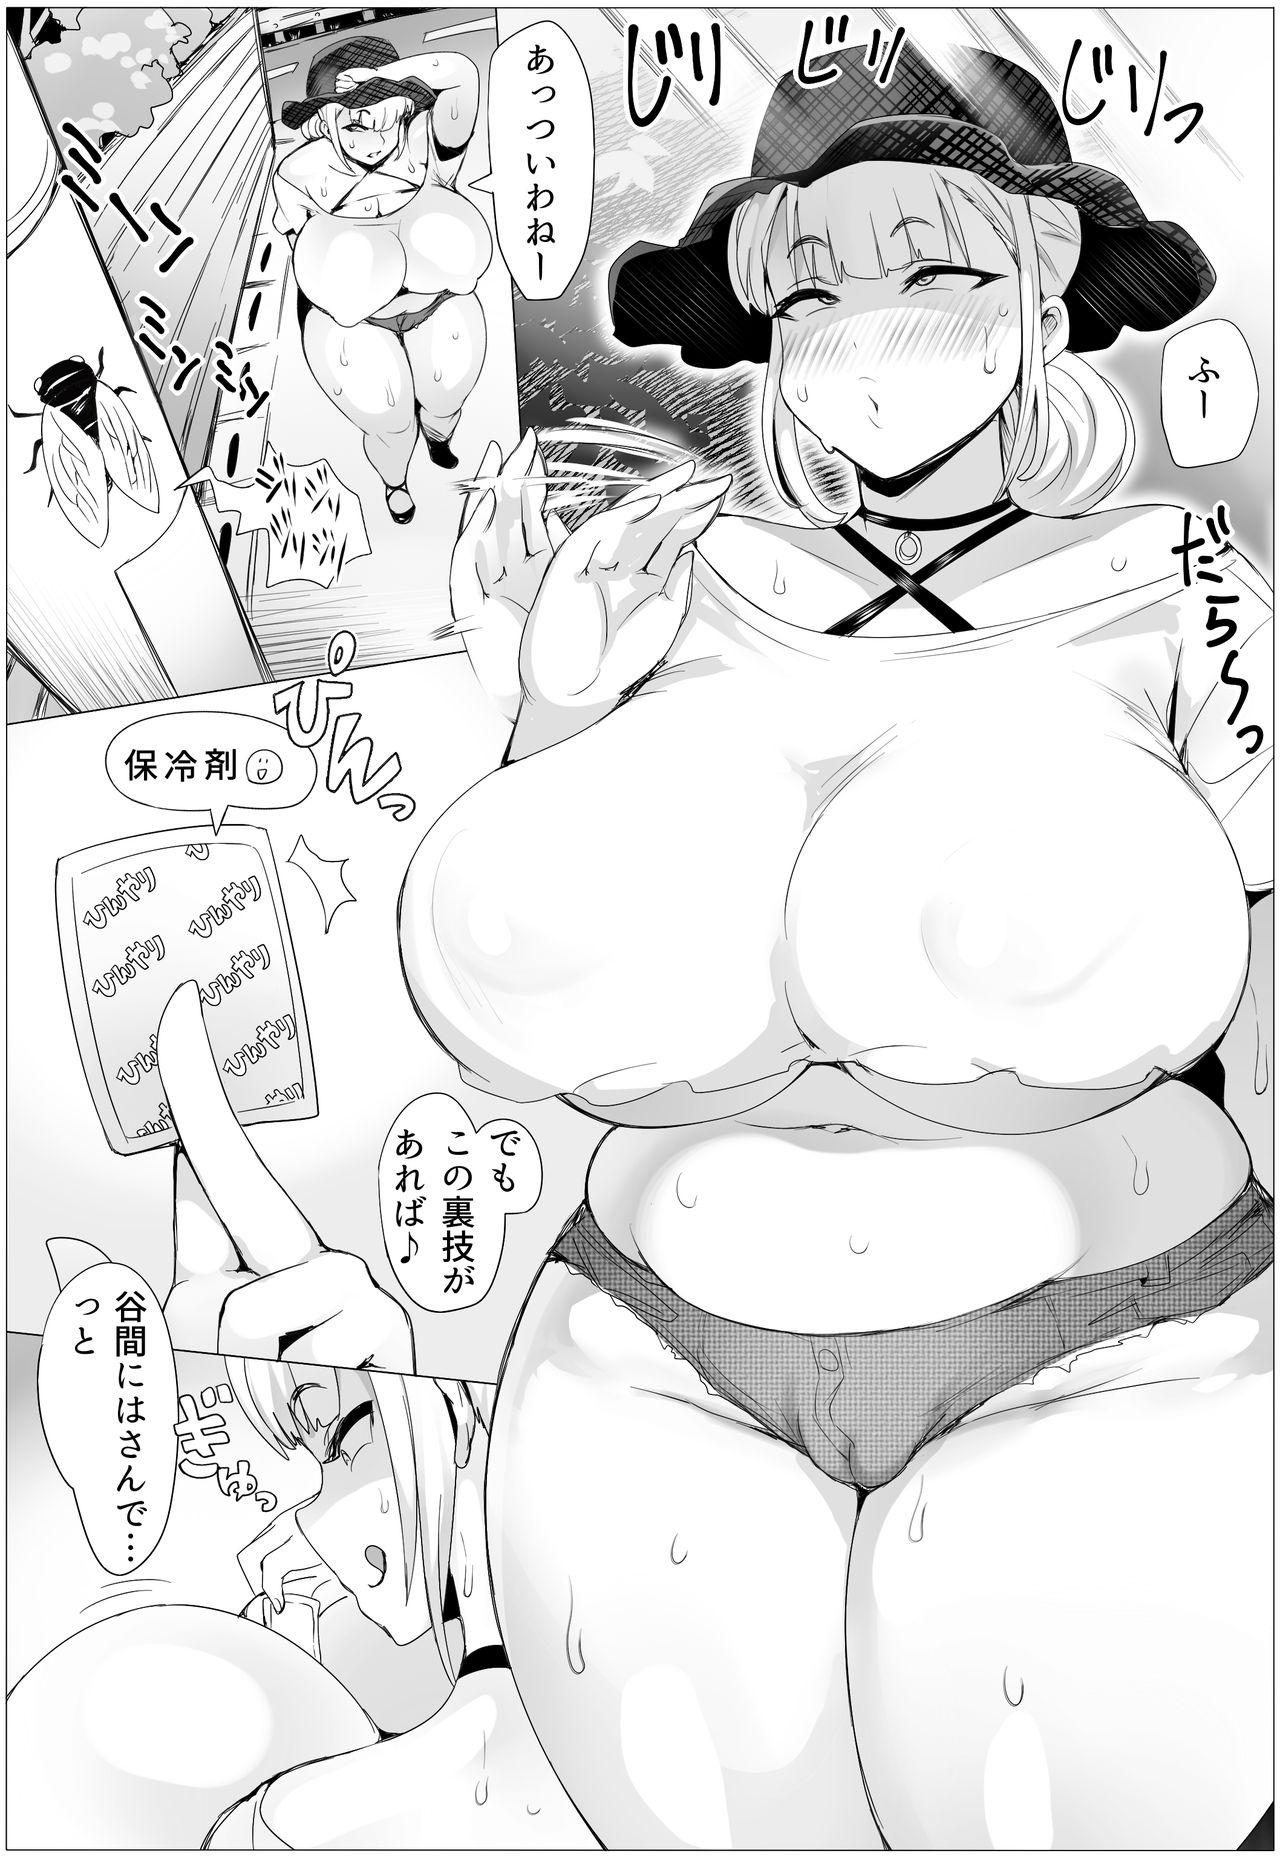 【エロ漫画】爆乳すぎて無抵抗だから襲われちゃう美女…野外でレイプの乳首責めされちゃってキスしたり中出しセックスでど変態なトロ顔になっちゃう!【ぷらんぷまん:無抵抗さんにはキケンがいっぱい!】